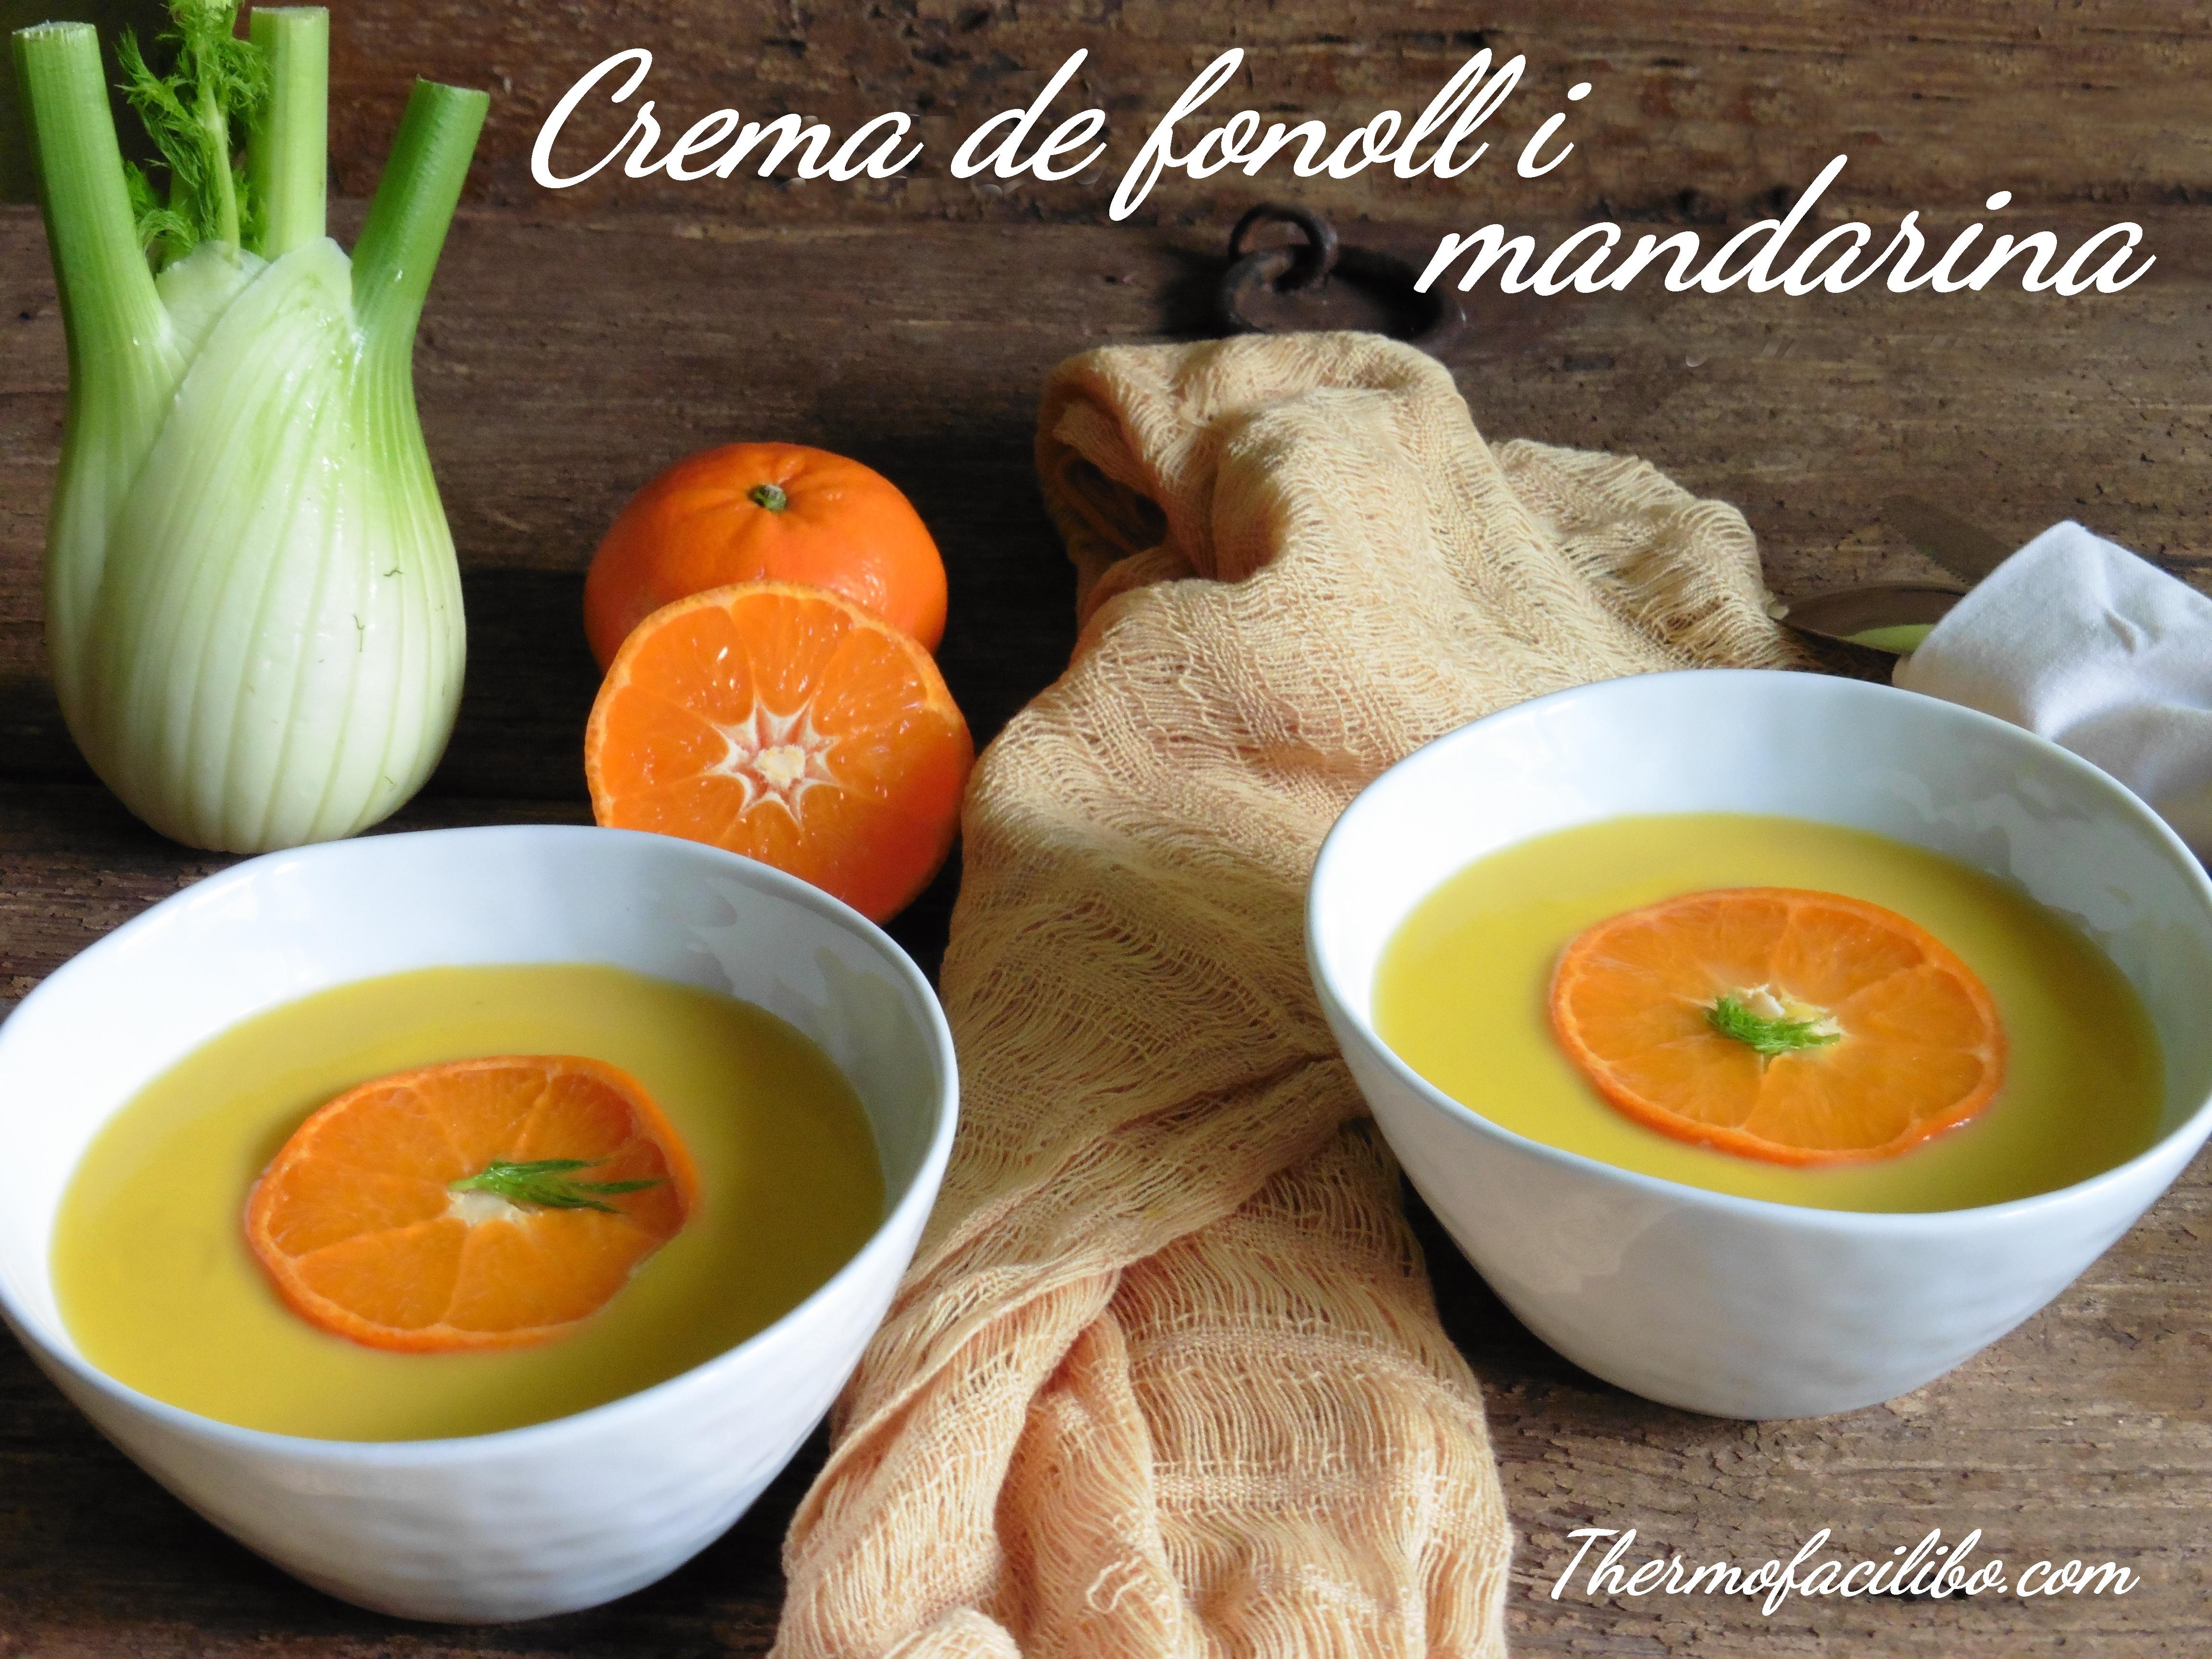 Crema de fonoll i mandarina